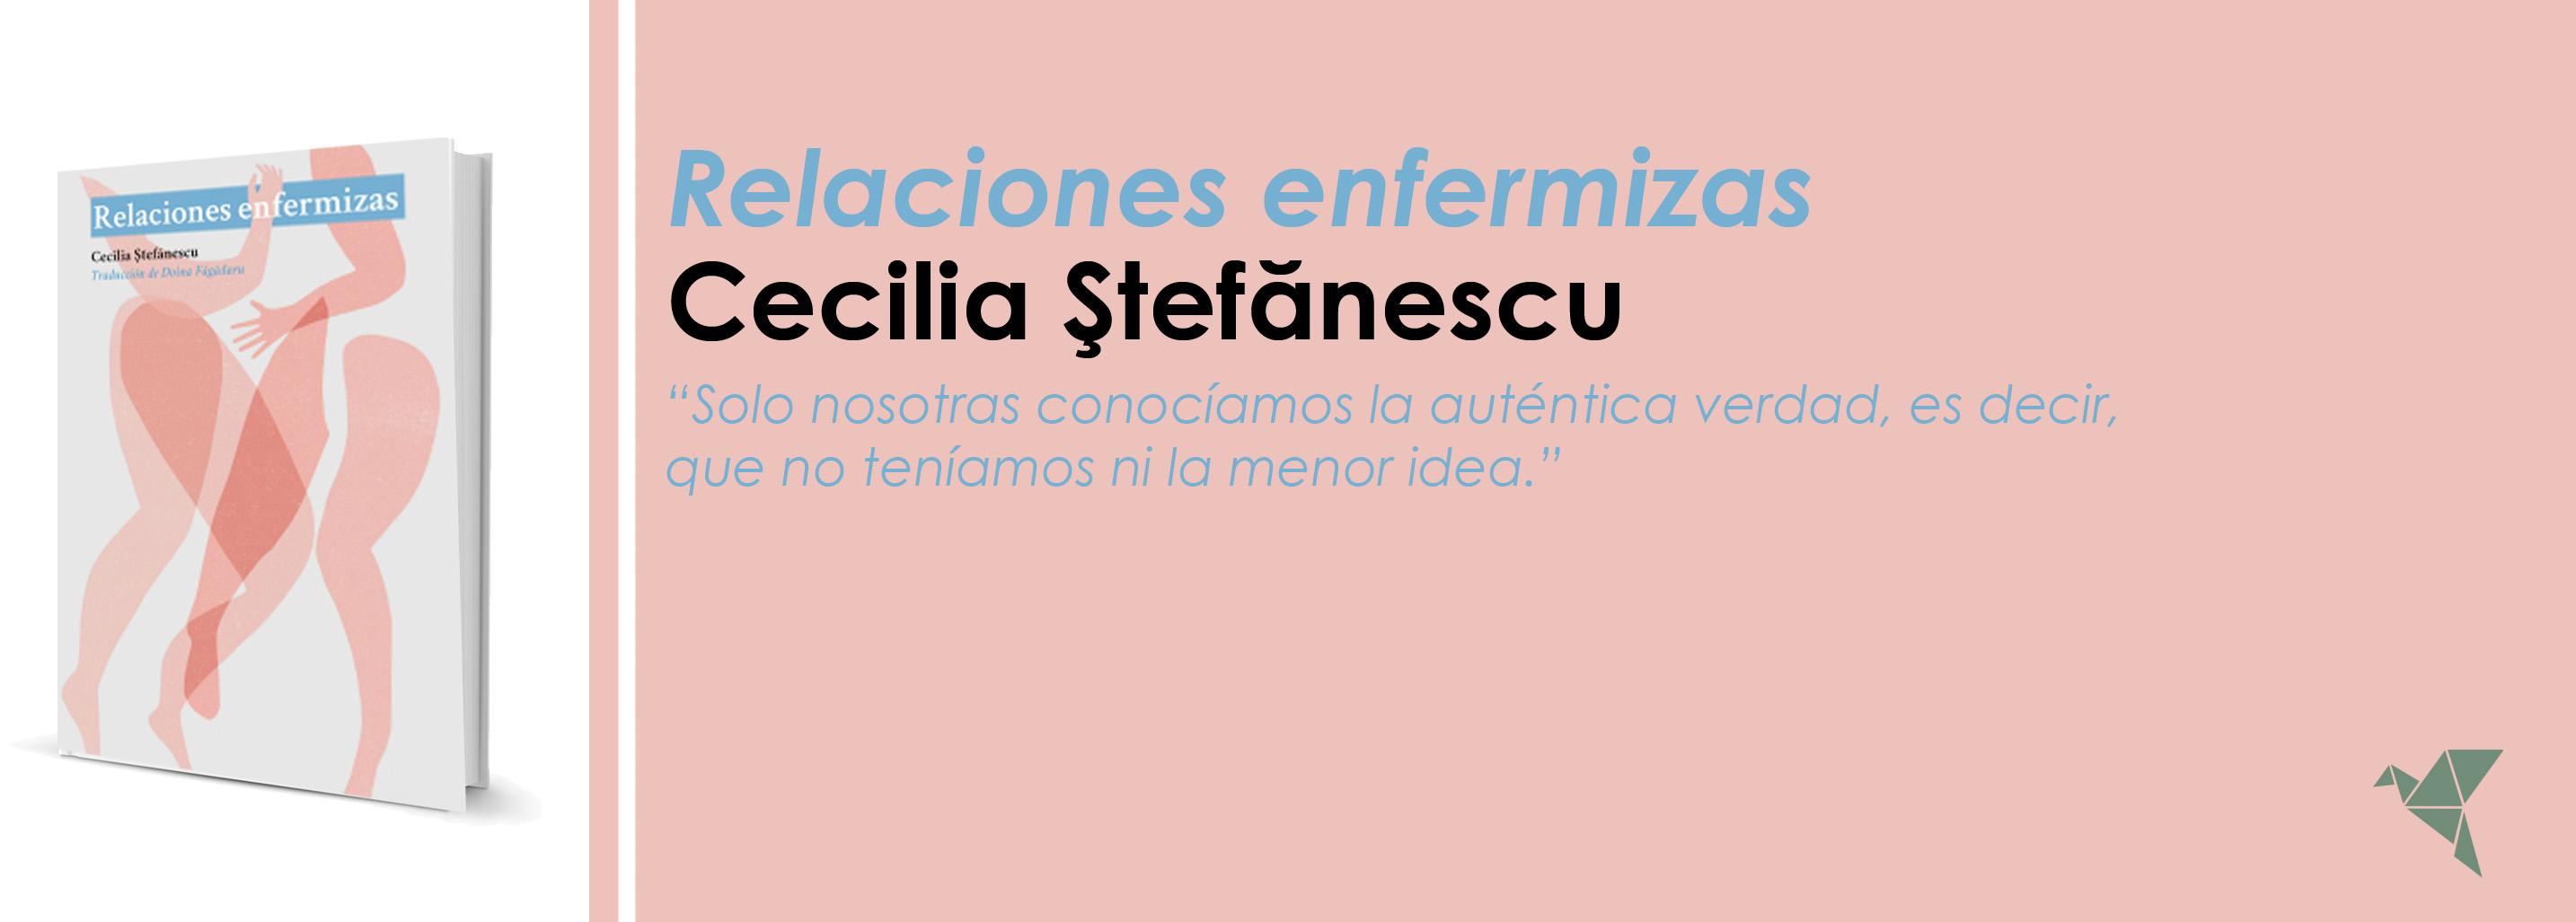 Relaciones enfermizas, de Cecilia Ştefănescu